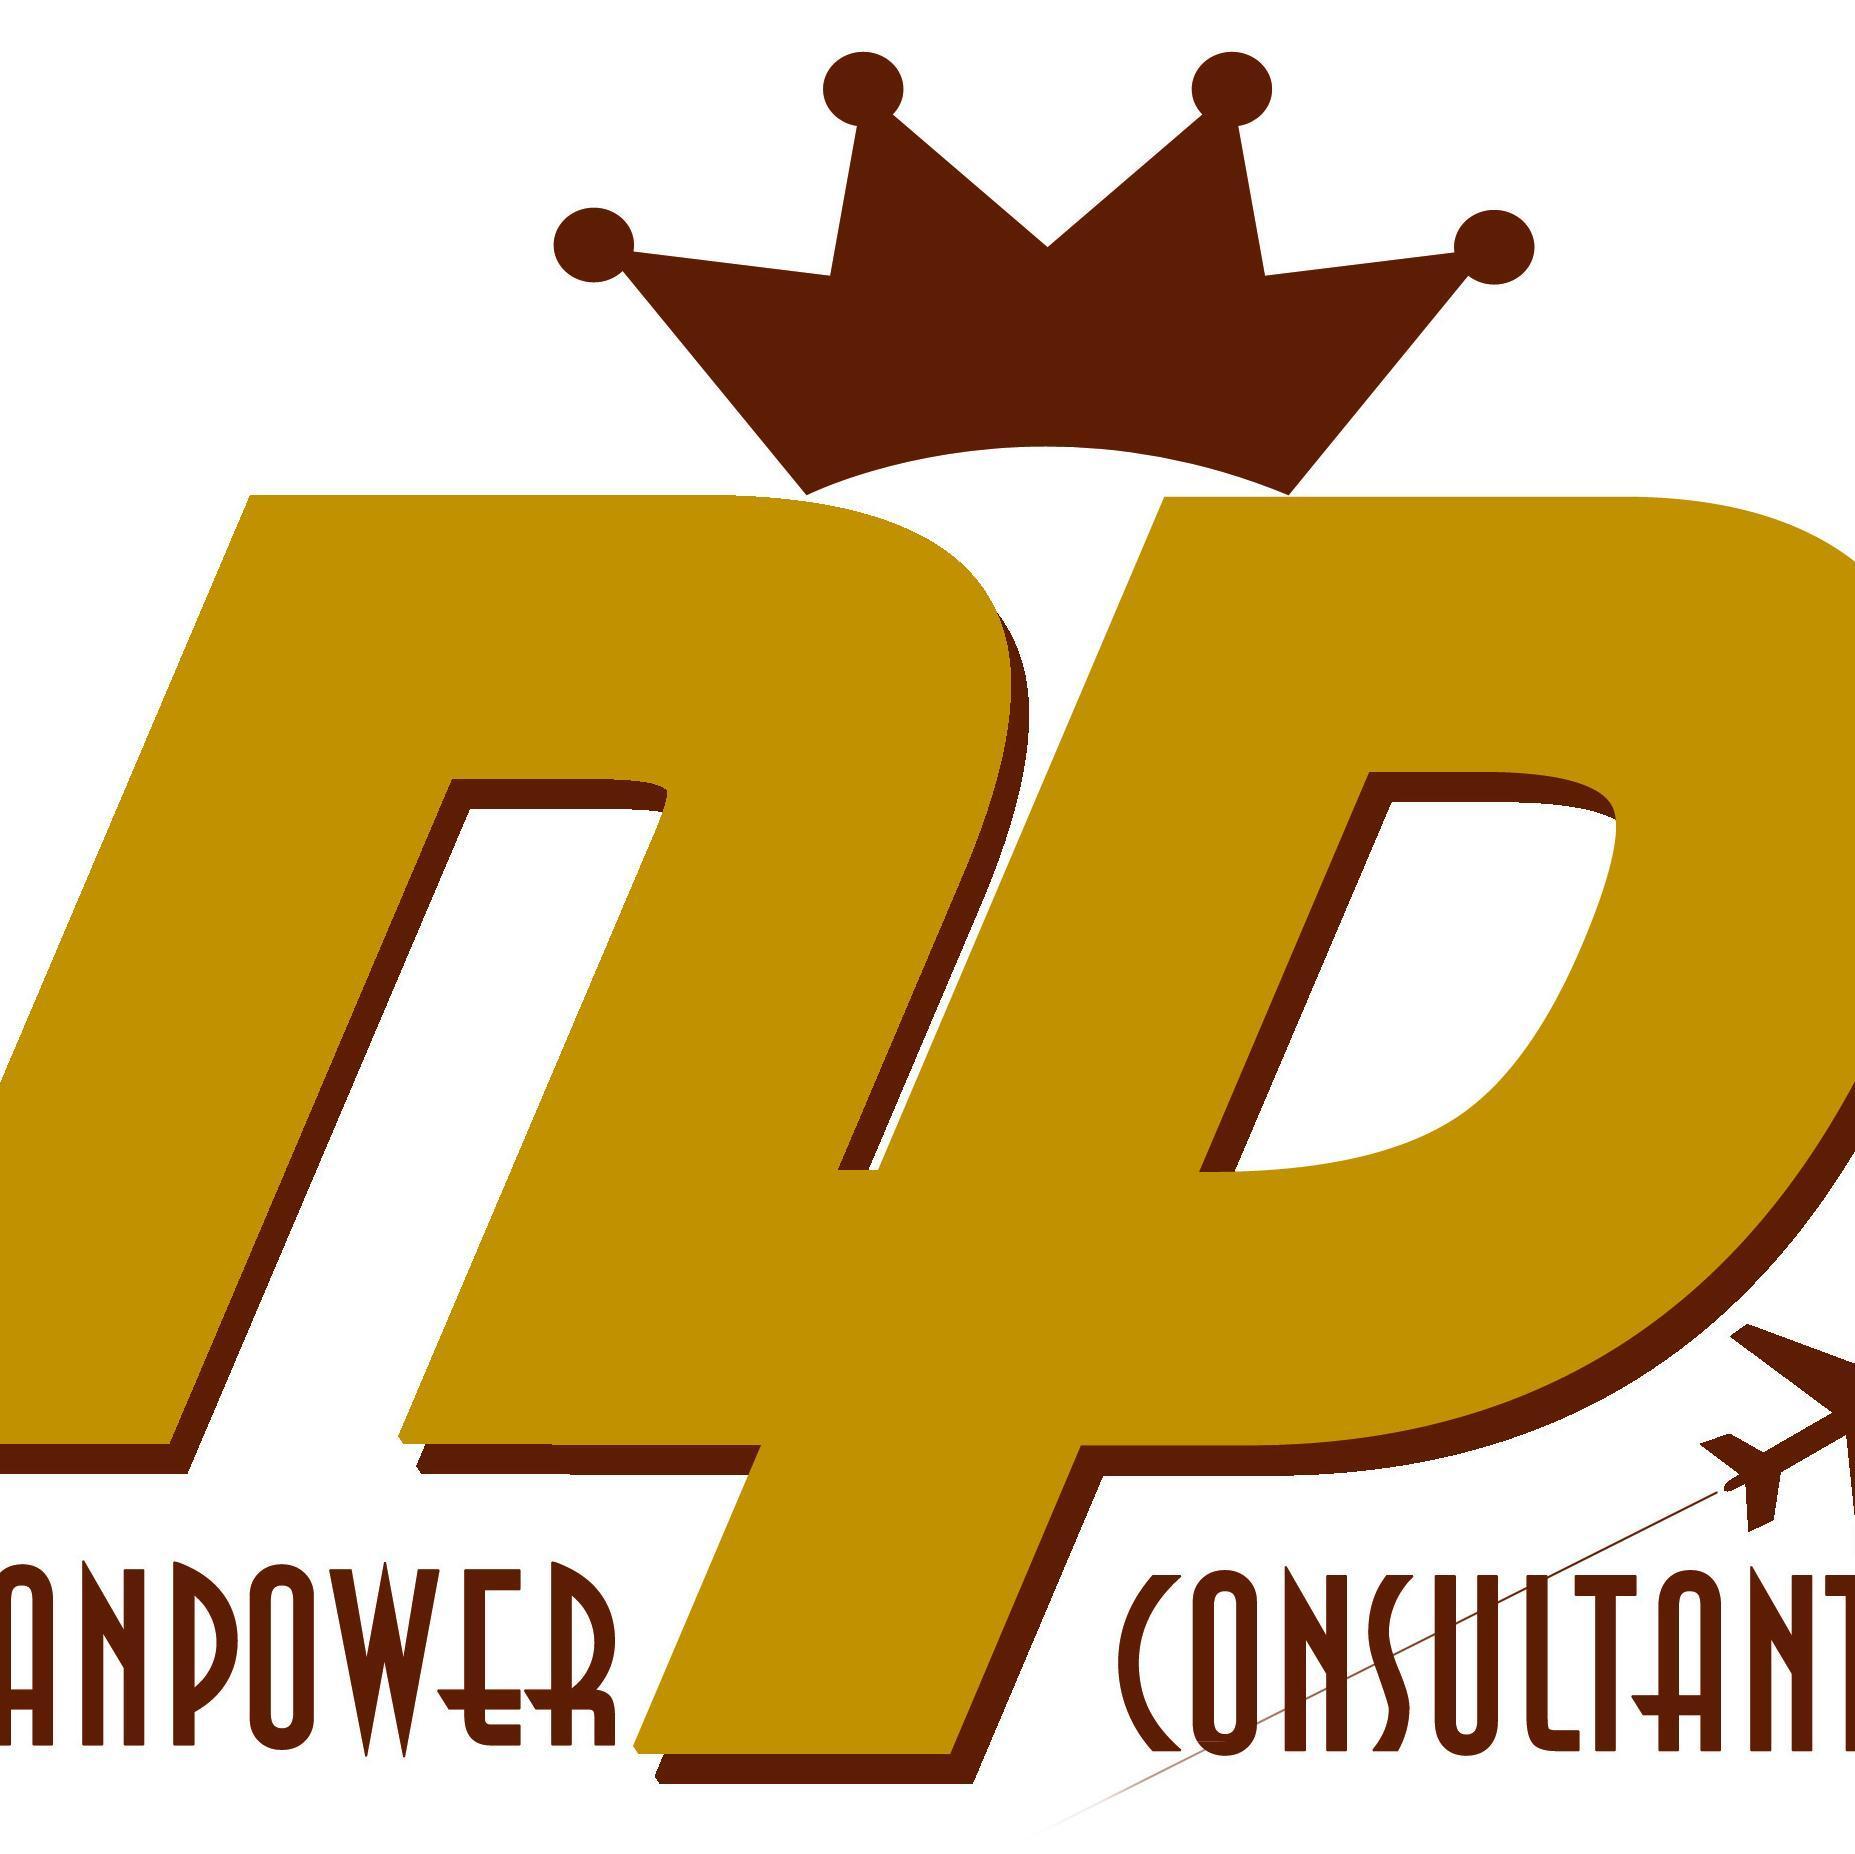 N P Manpower